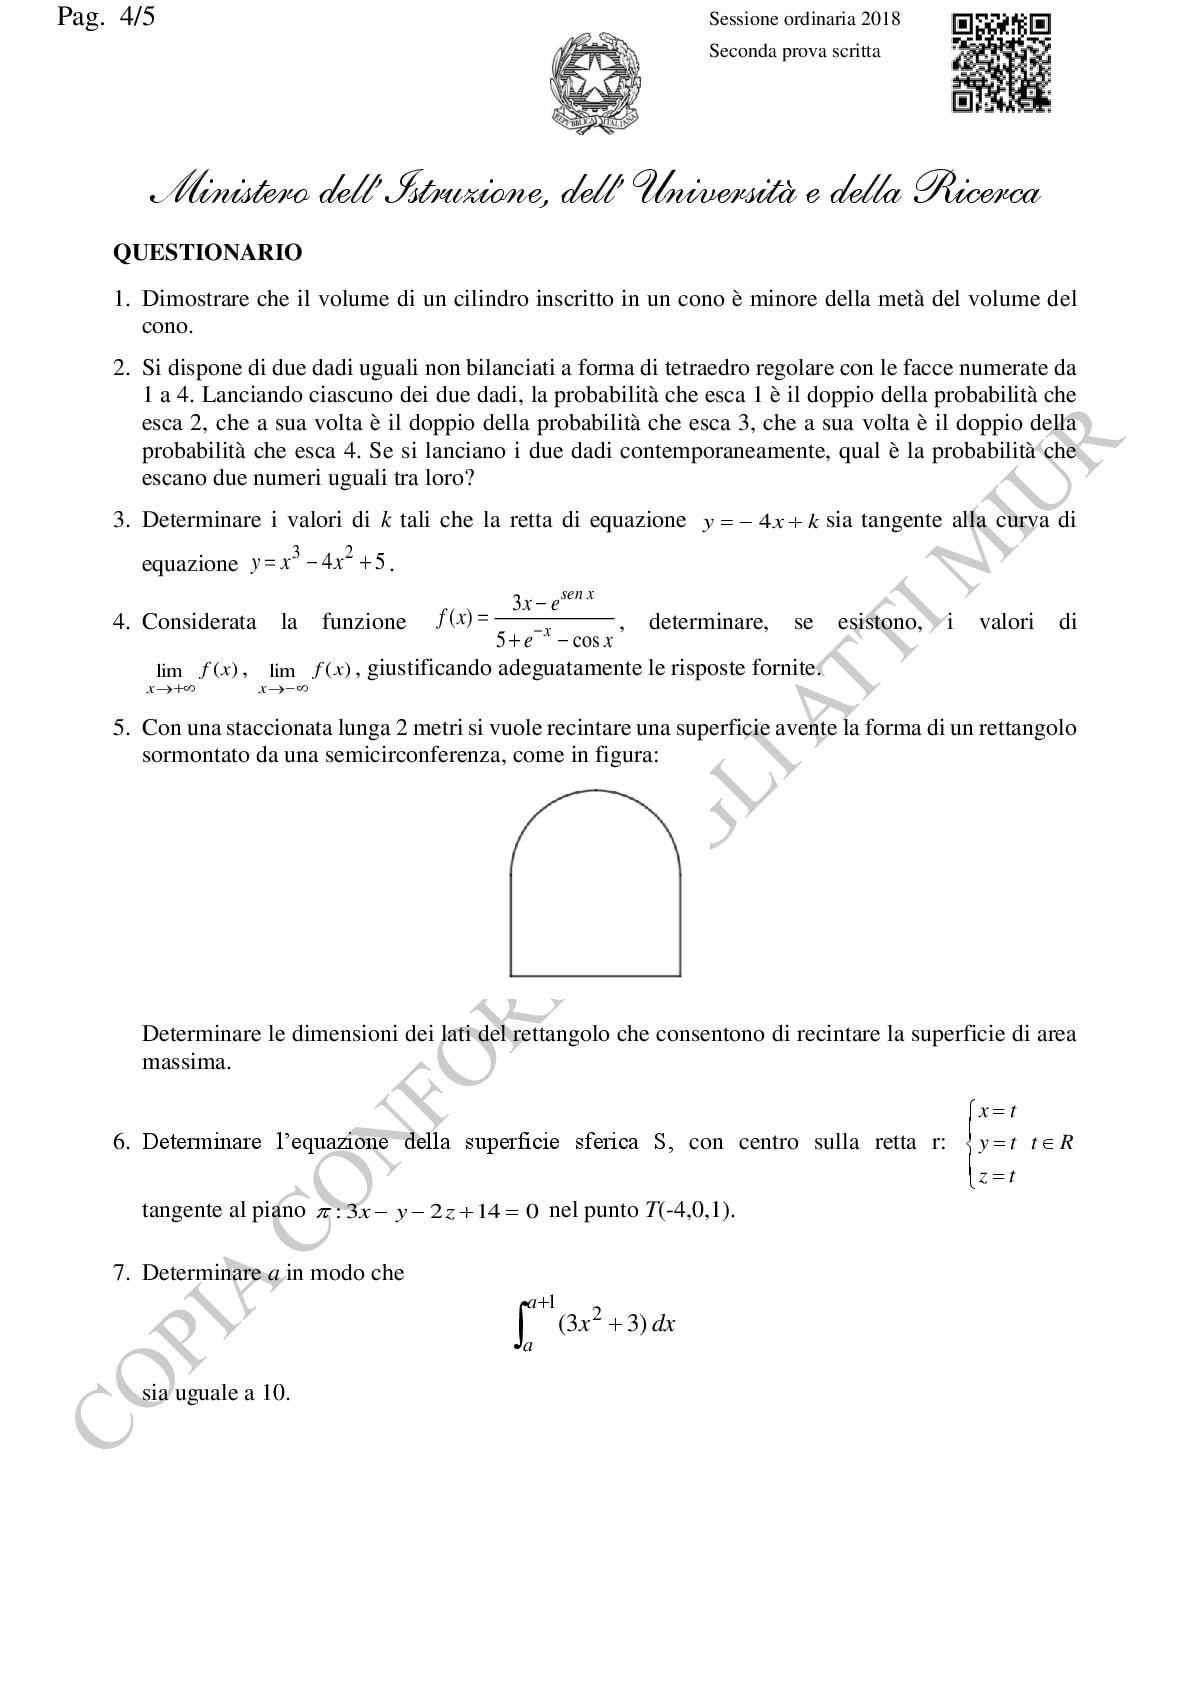 Traccia ufficiale Miur liceo scientifico seconda prova ...